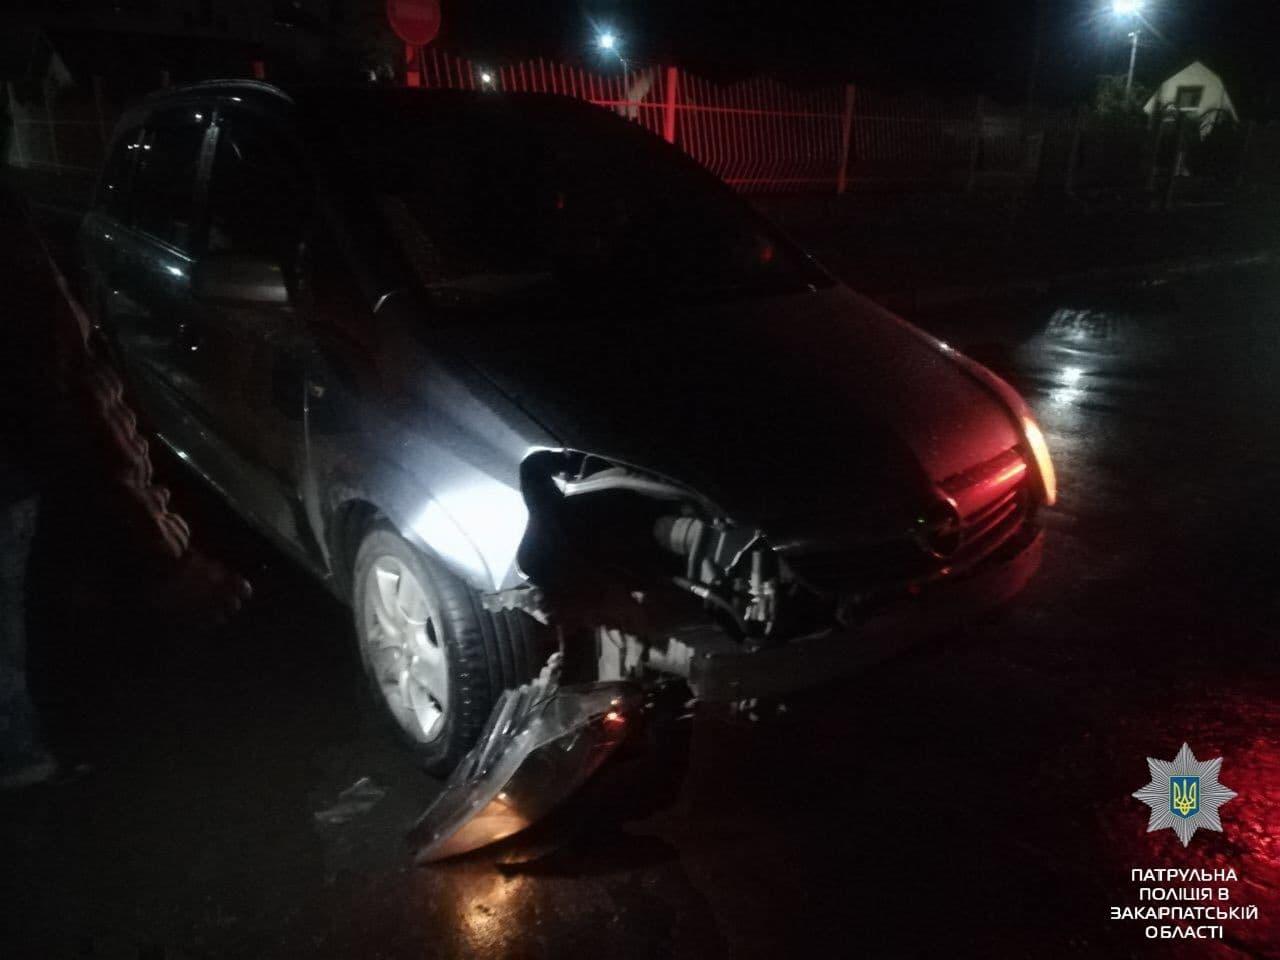 Вчора ввечері у Мукачеві сталася ДТП: зіткнулися Renault Kangoo і Opel Zafira